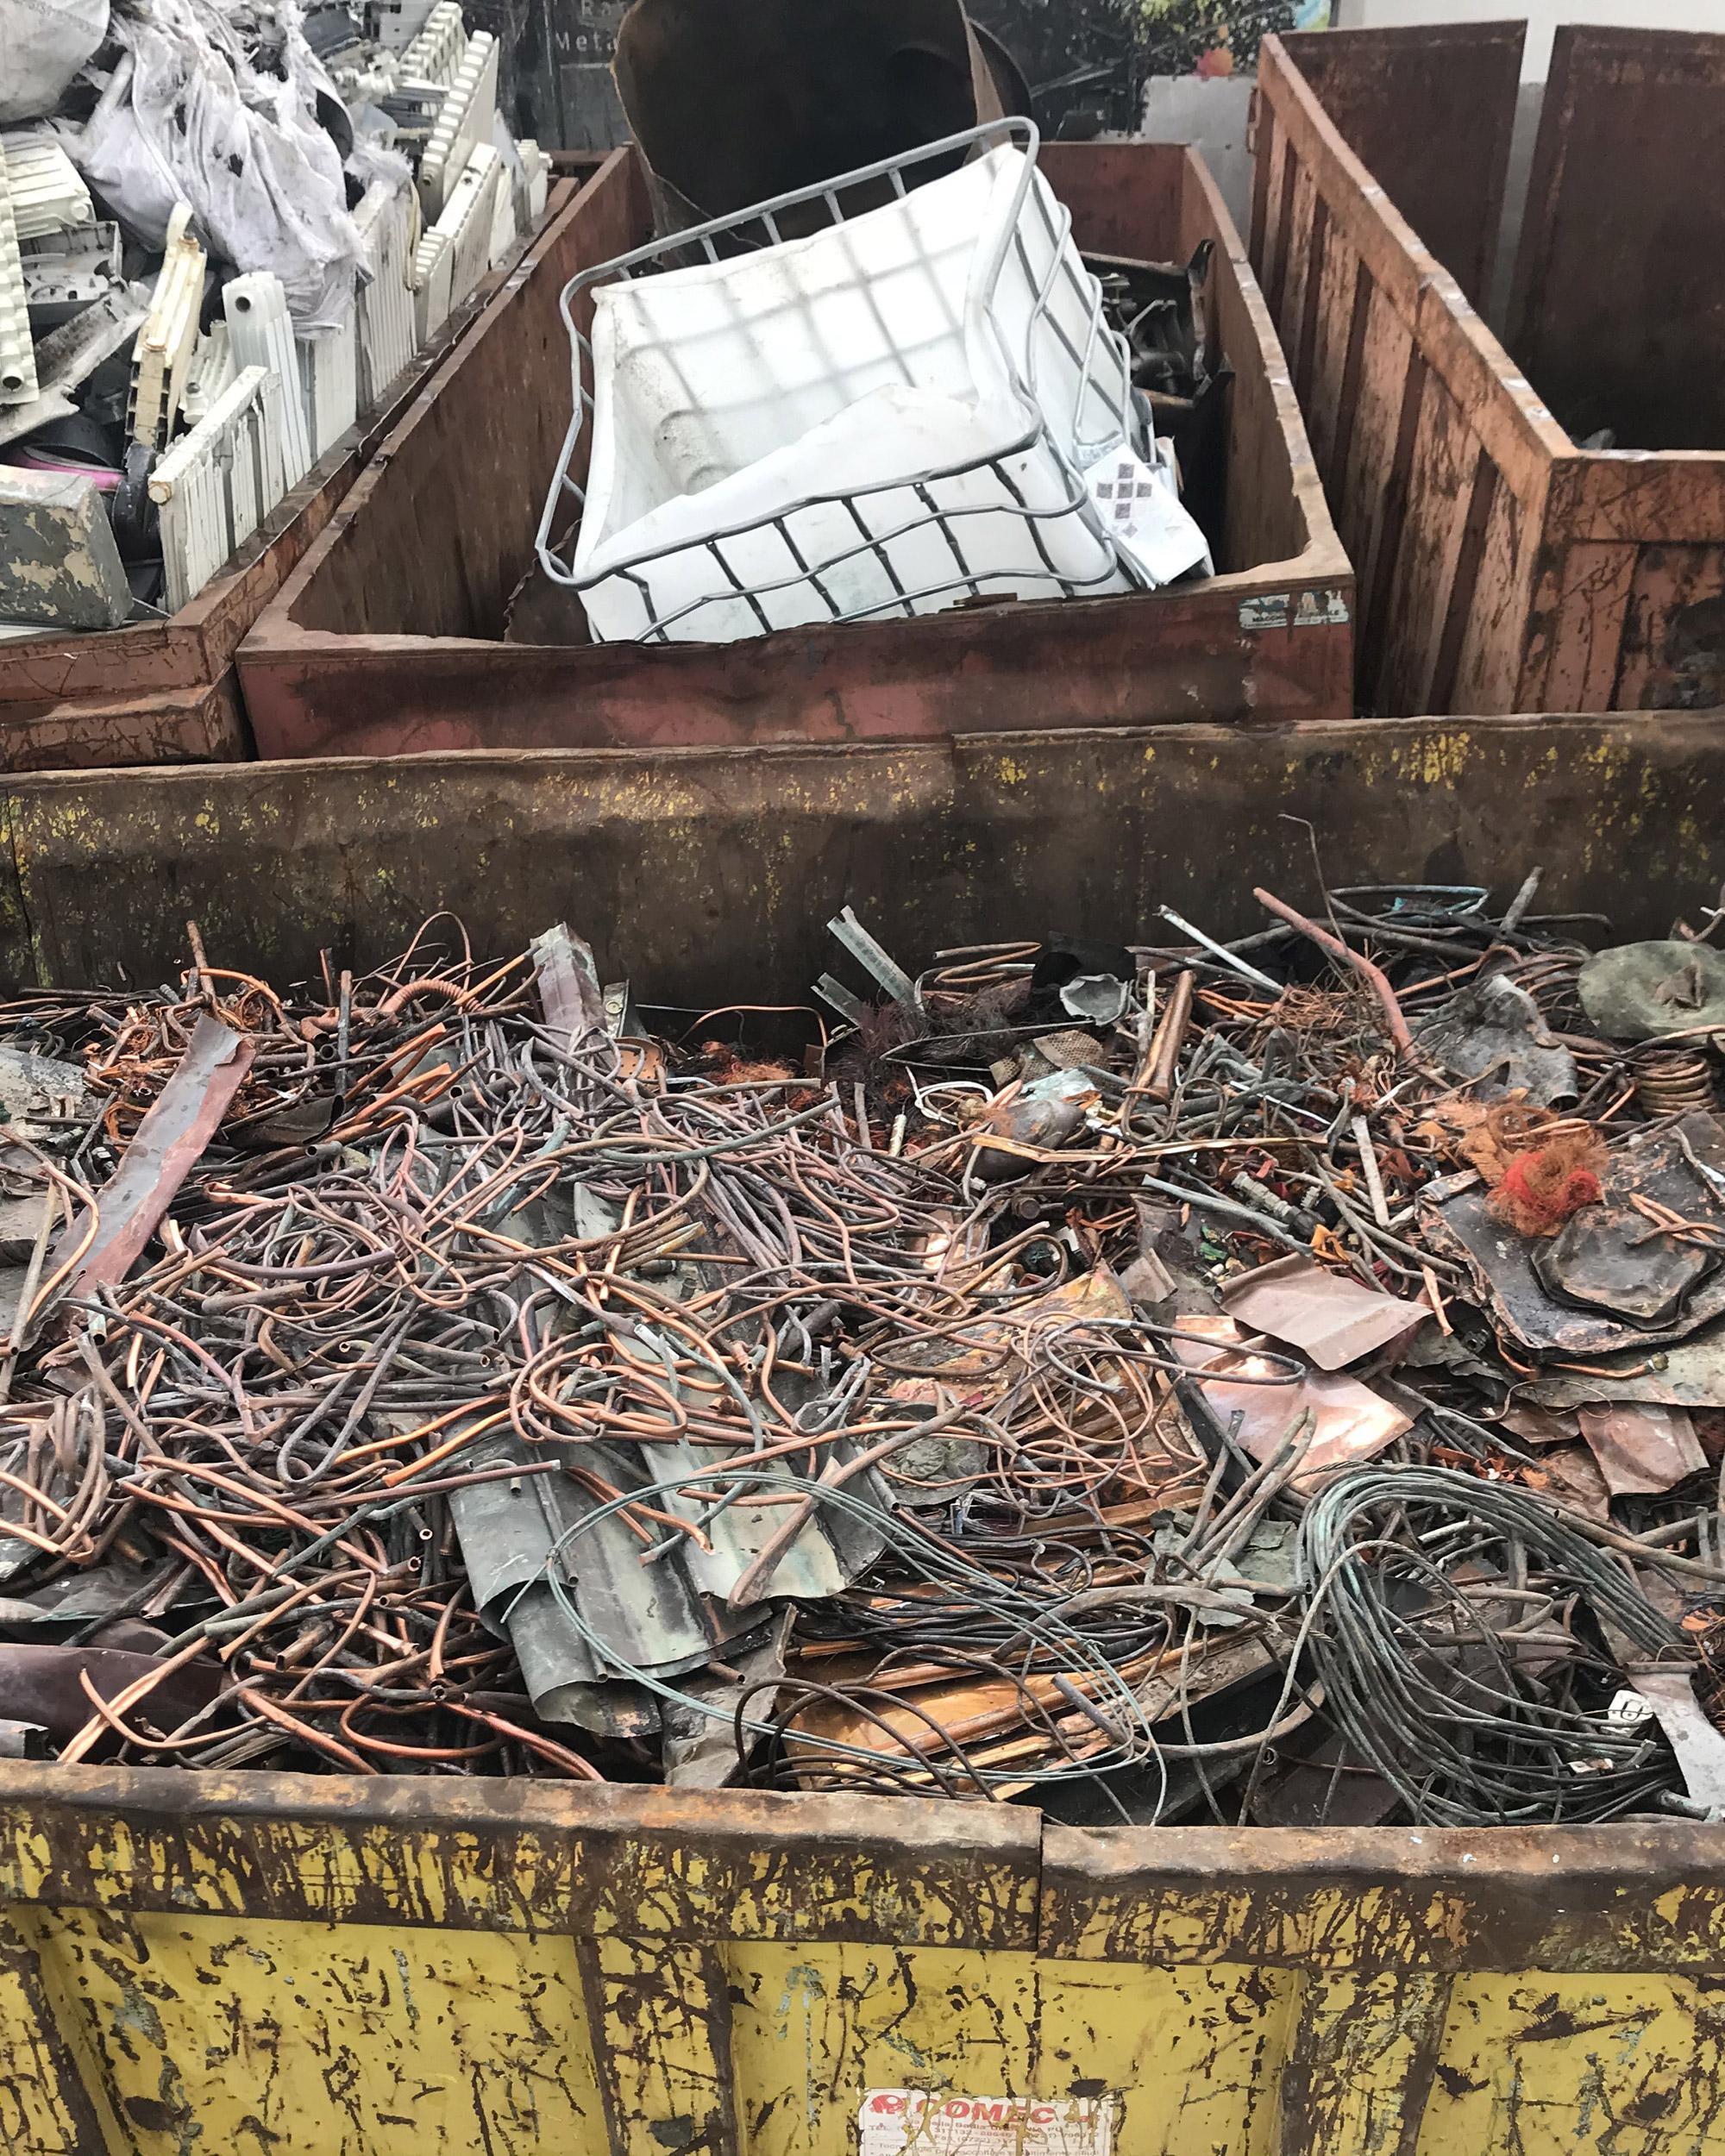 Pandolfi rottami noleggio containers